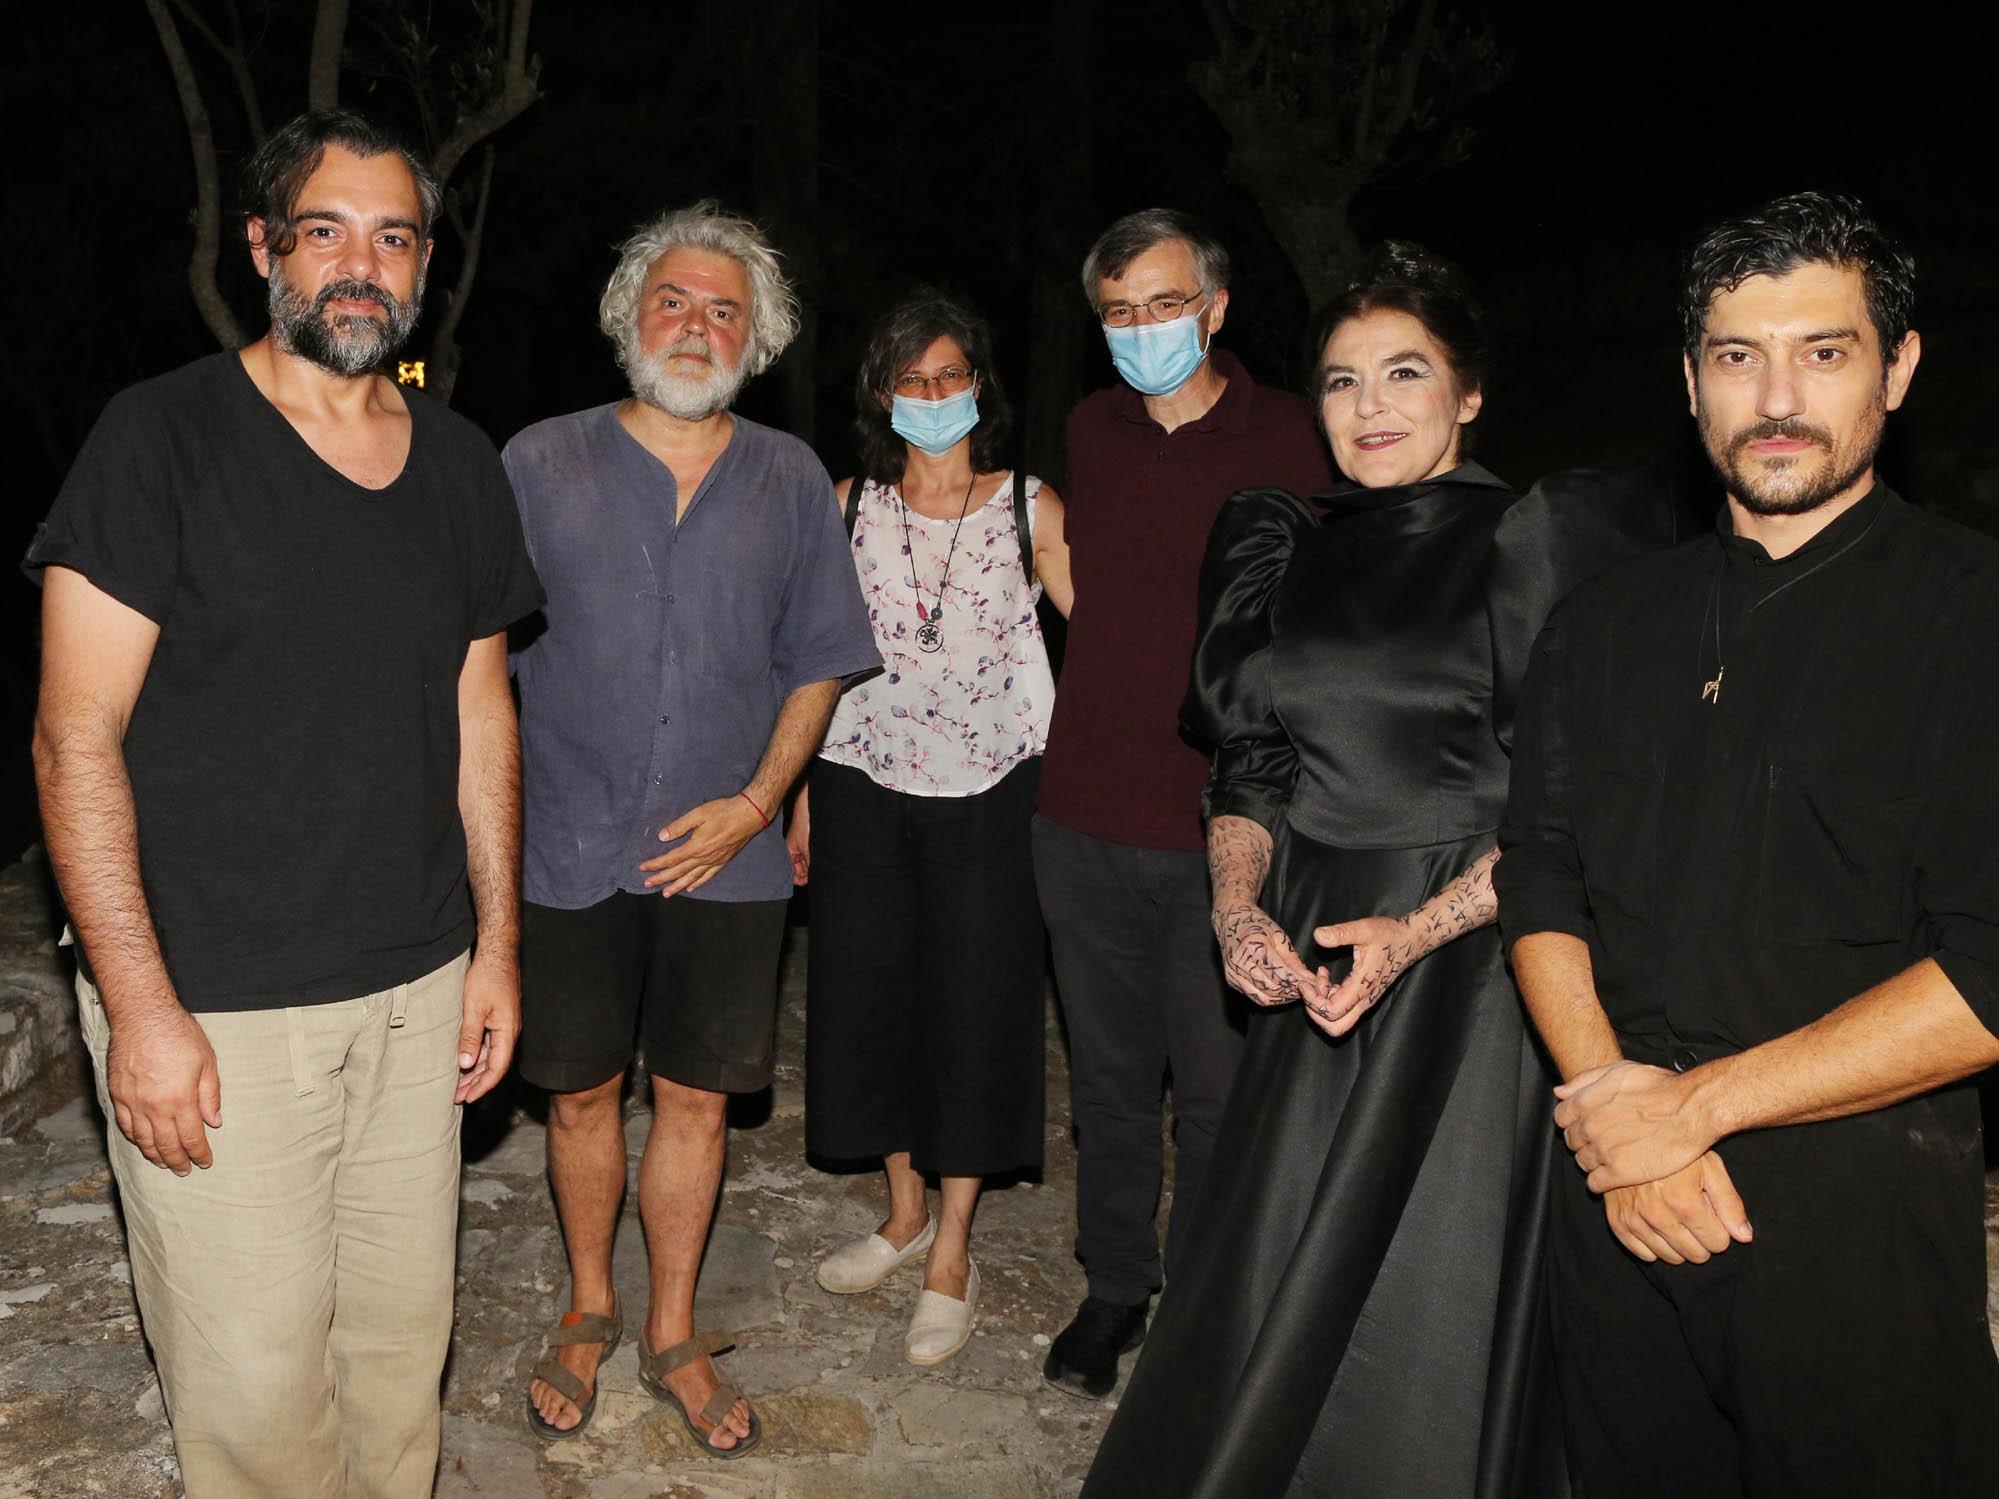 Σωτήρης Τσιόδρας Επίδαυρος: Με μάσκα προστασίας είδε τους Πέρσες ...